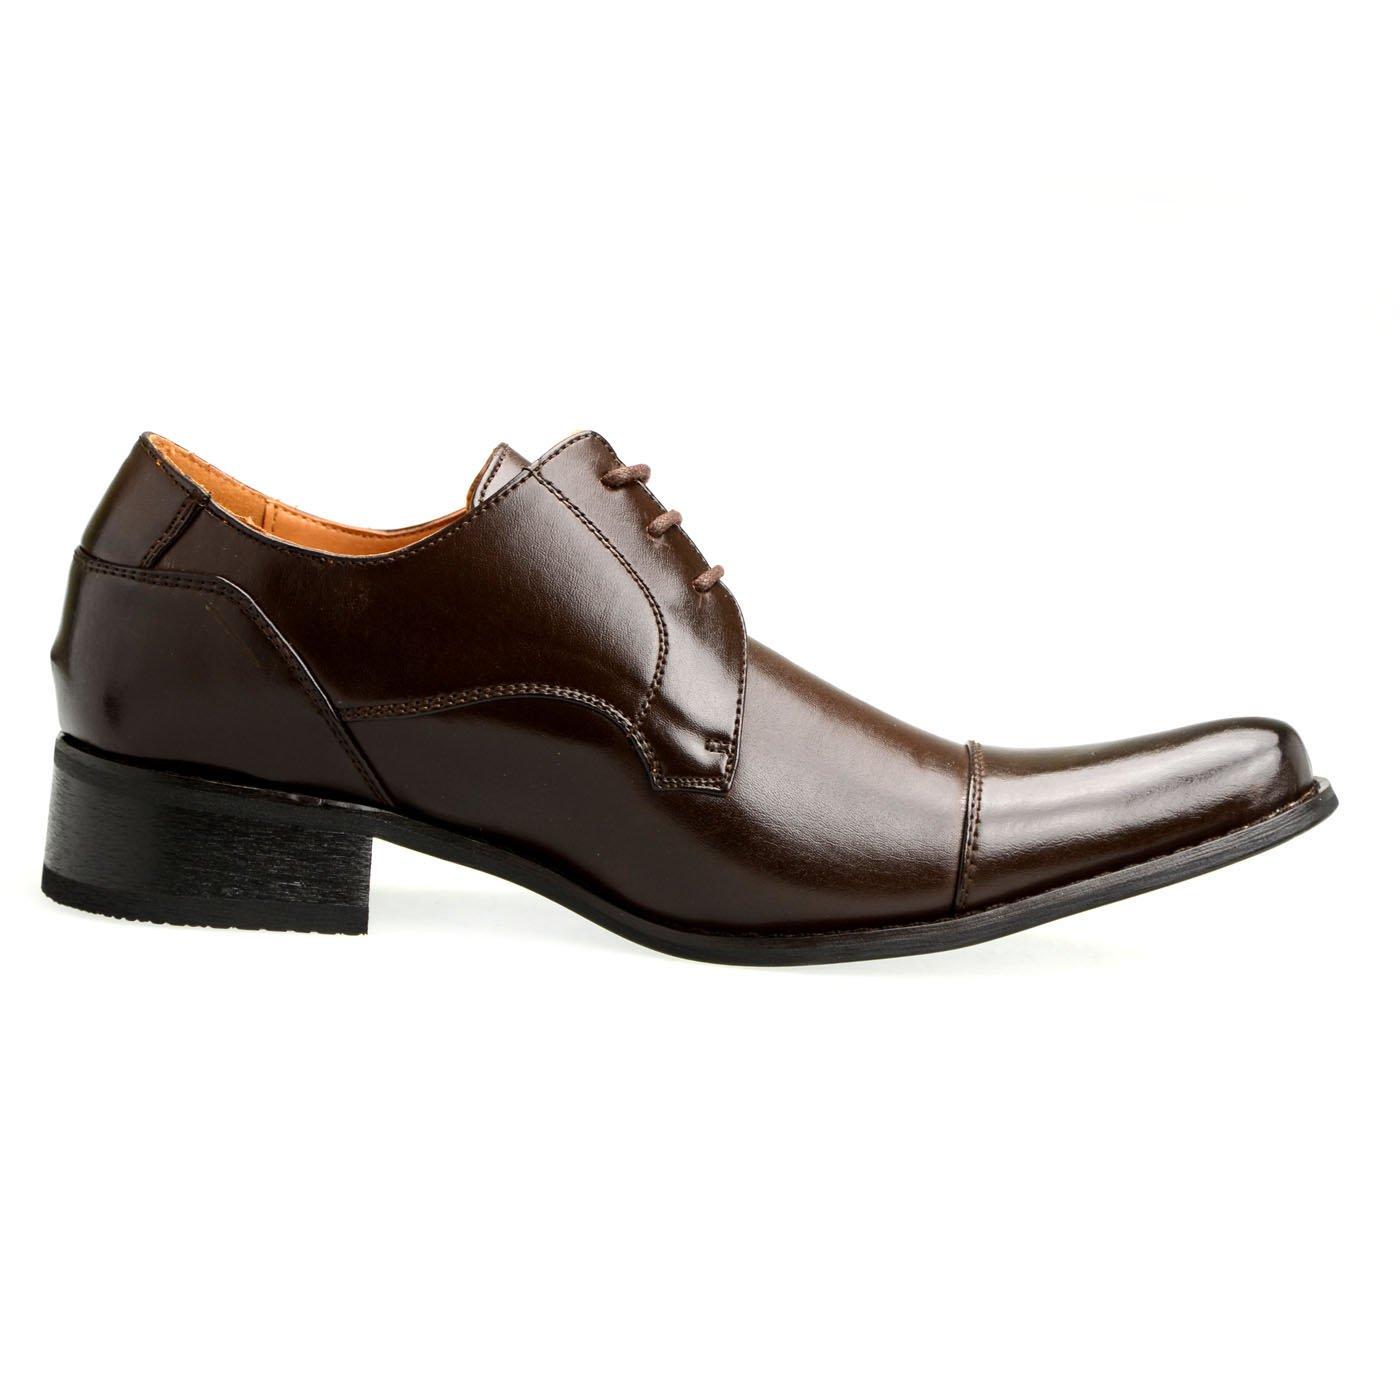 [ エムエムワン ] MM/ONE 45組から選べる2足セットの福袋 B01BHJU372 26.0 cm 3E|Dダークブラウン+Eダークブラウン Dダークブラウン+Eダークブラウン 26.0 cm 3E